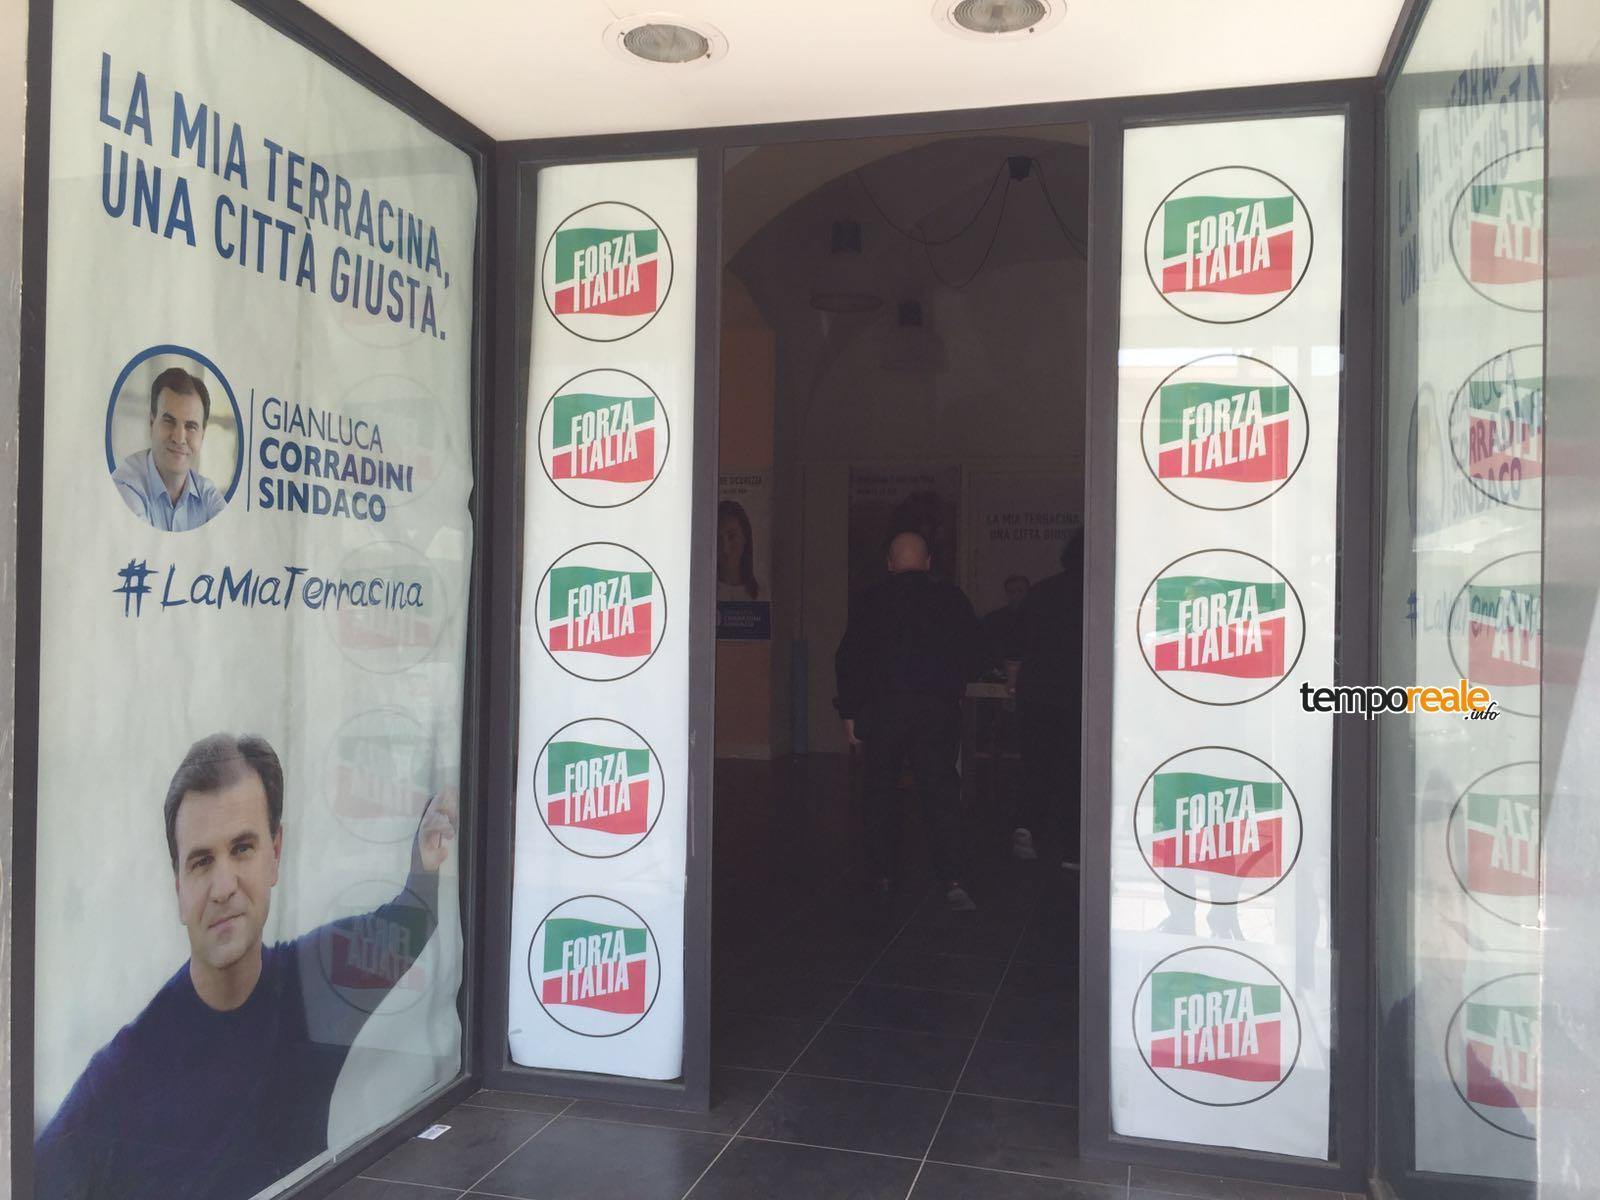 sede_forza_italia_terracina2